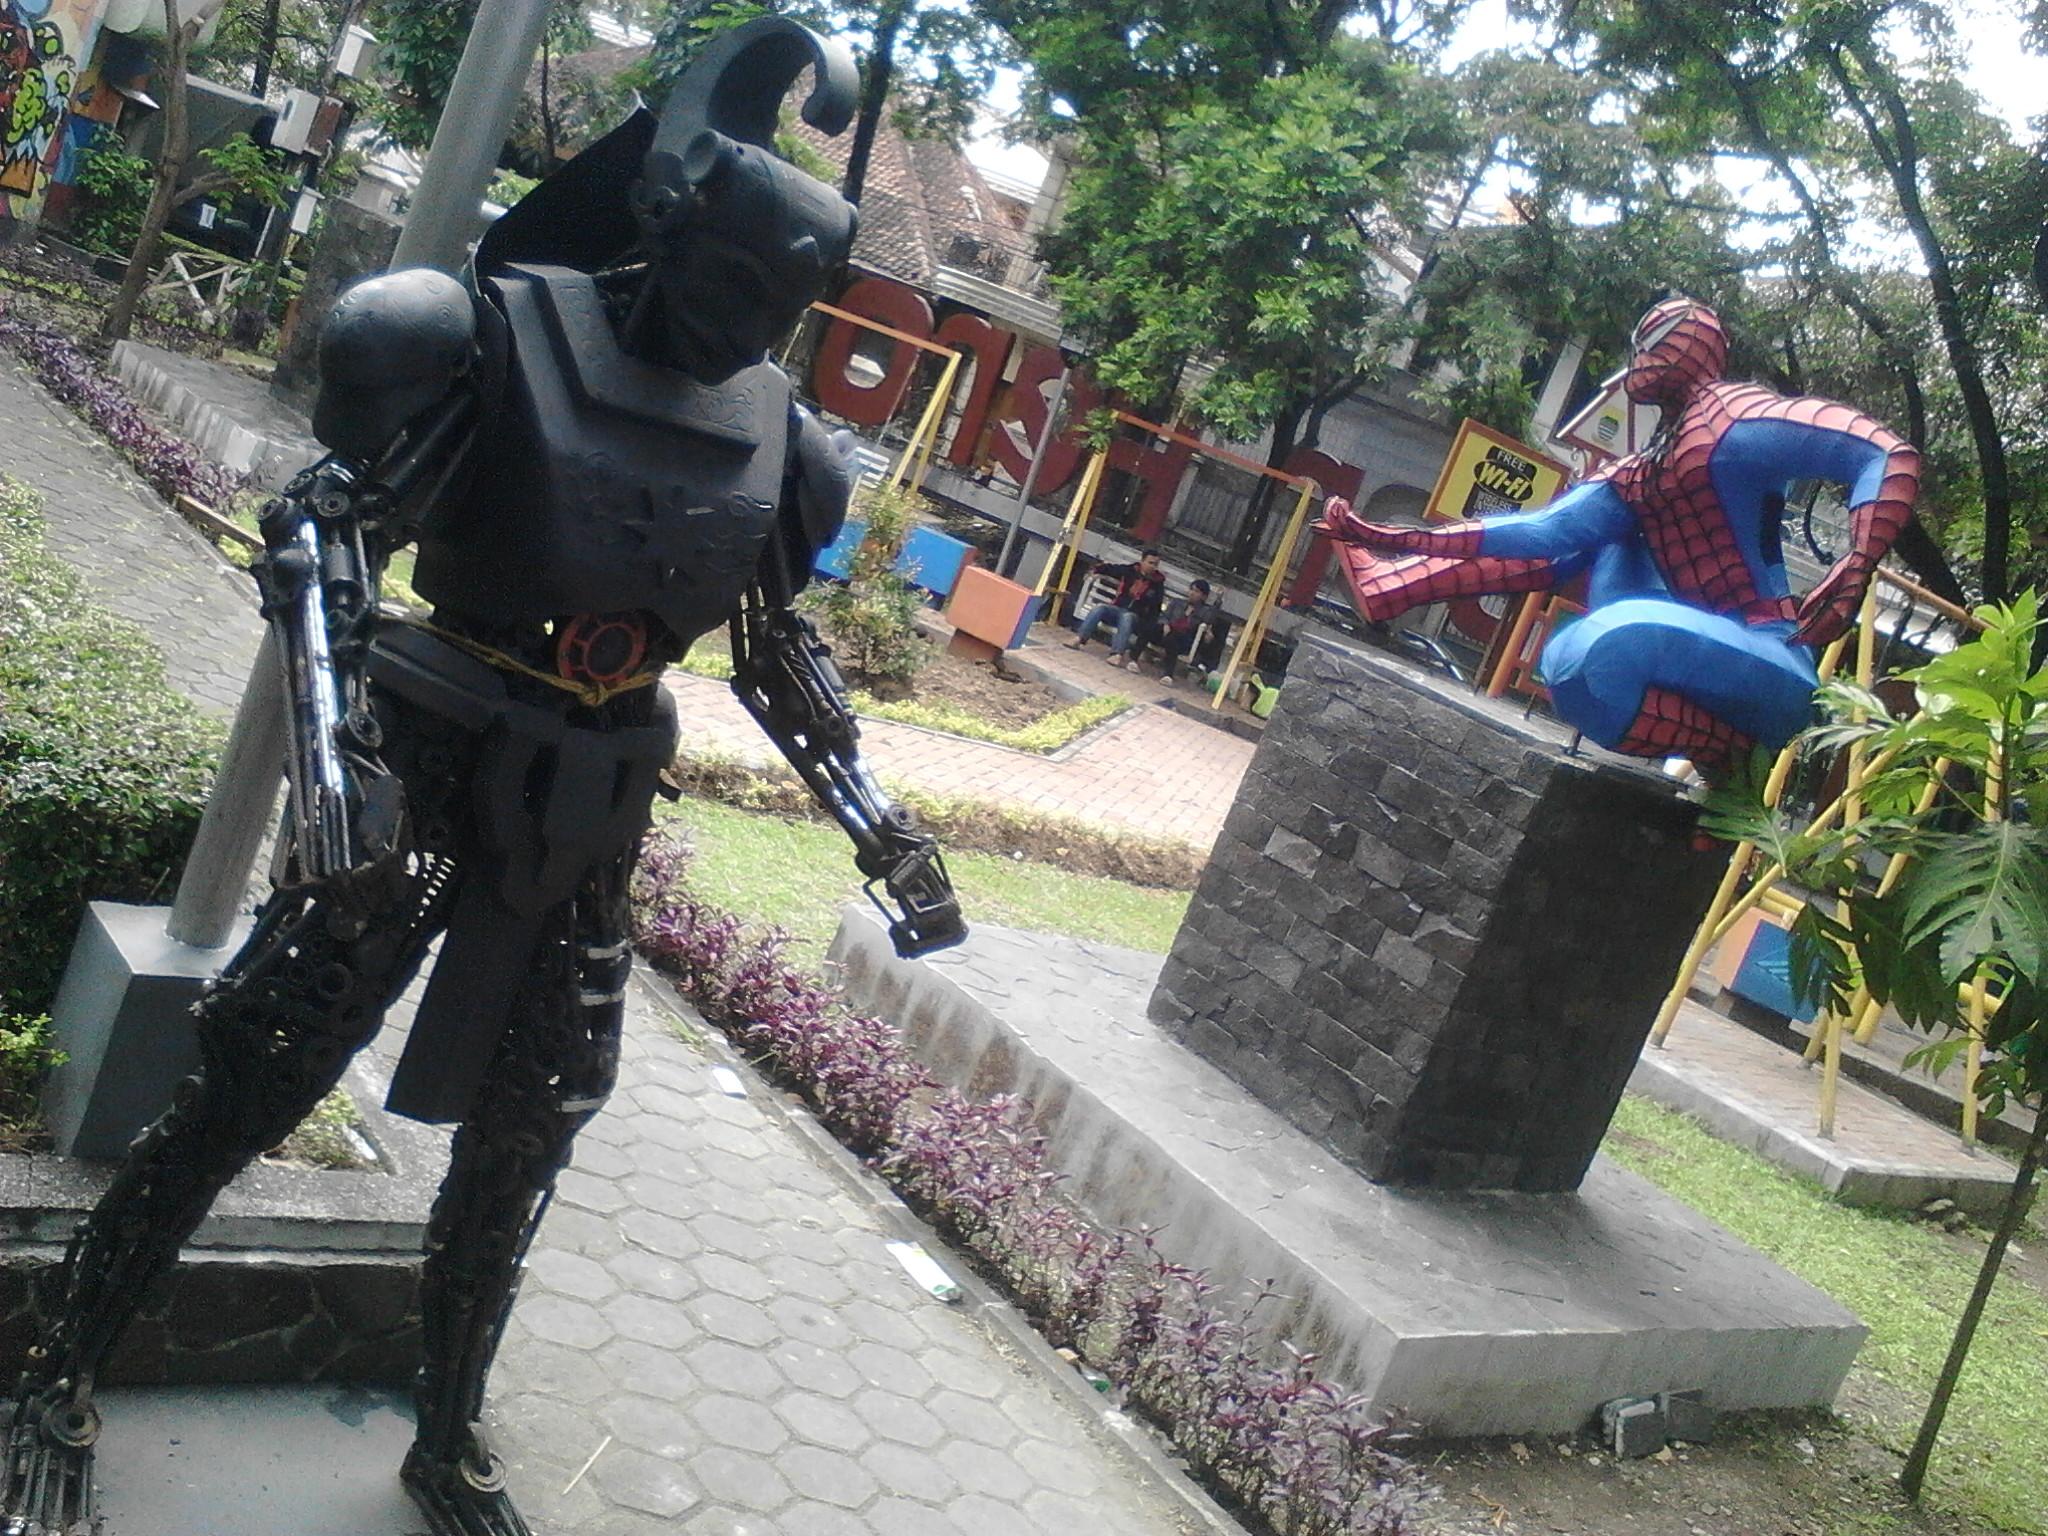 IMG 20150115 1155381 - Segarnya Nuansa Taman Tematik di Kota Bandung | Visit Taman Tematik Kota Bandung 2016